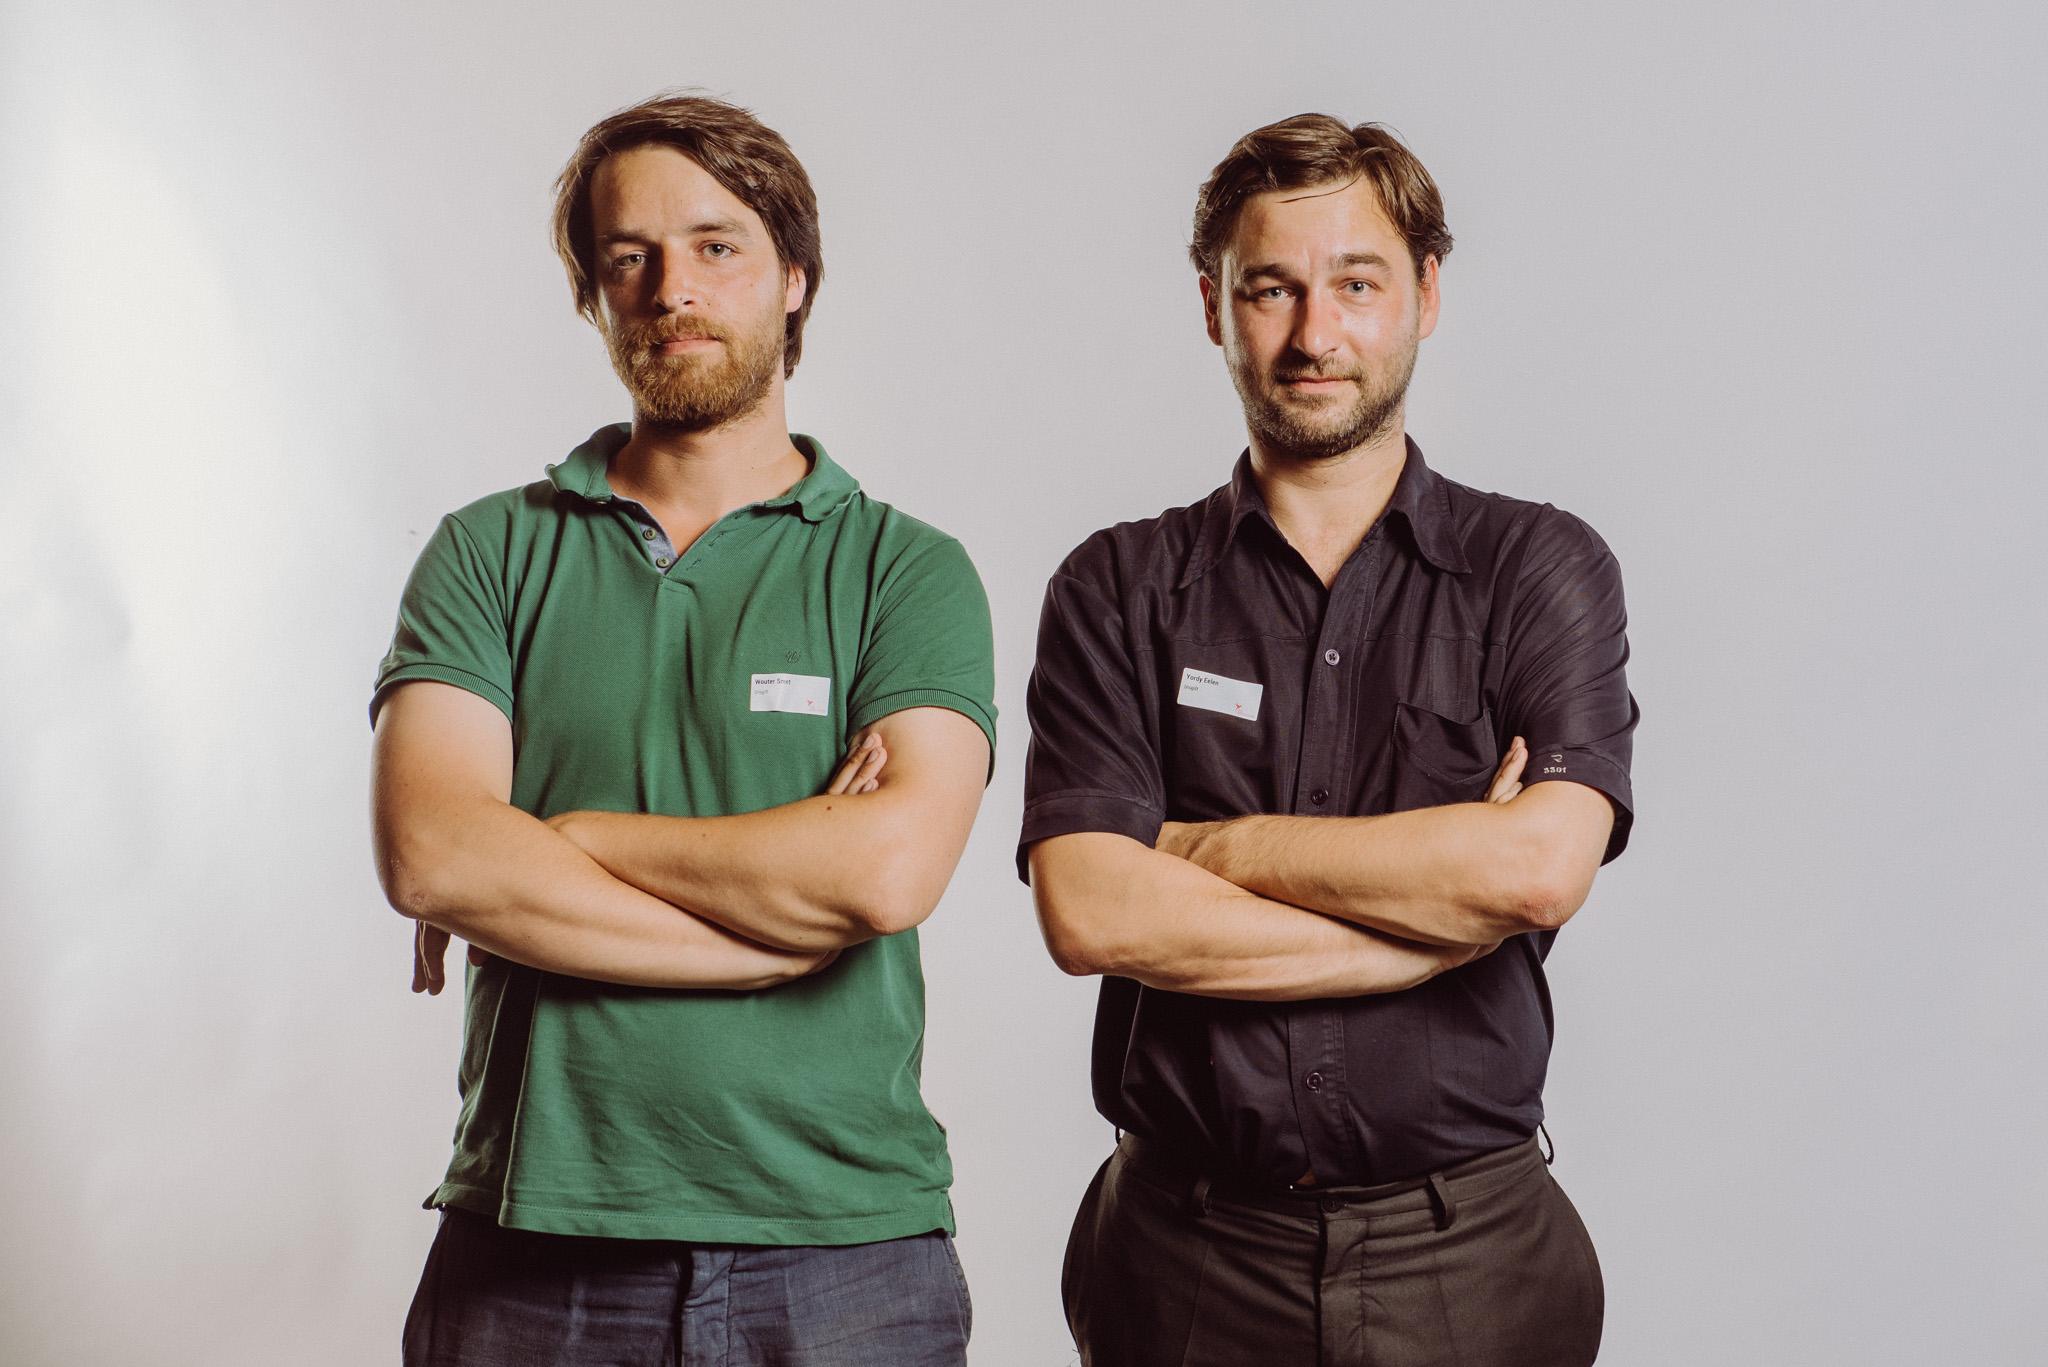 Unigift werd geselecteerd in het acceleratorprogramma van The Birdhouse voor start-ups en scale-ups